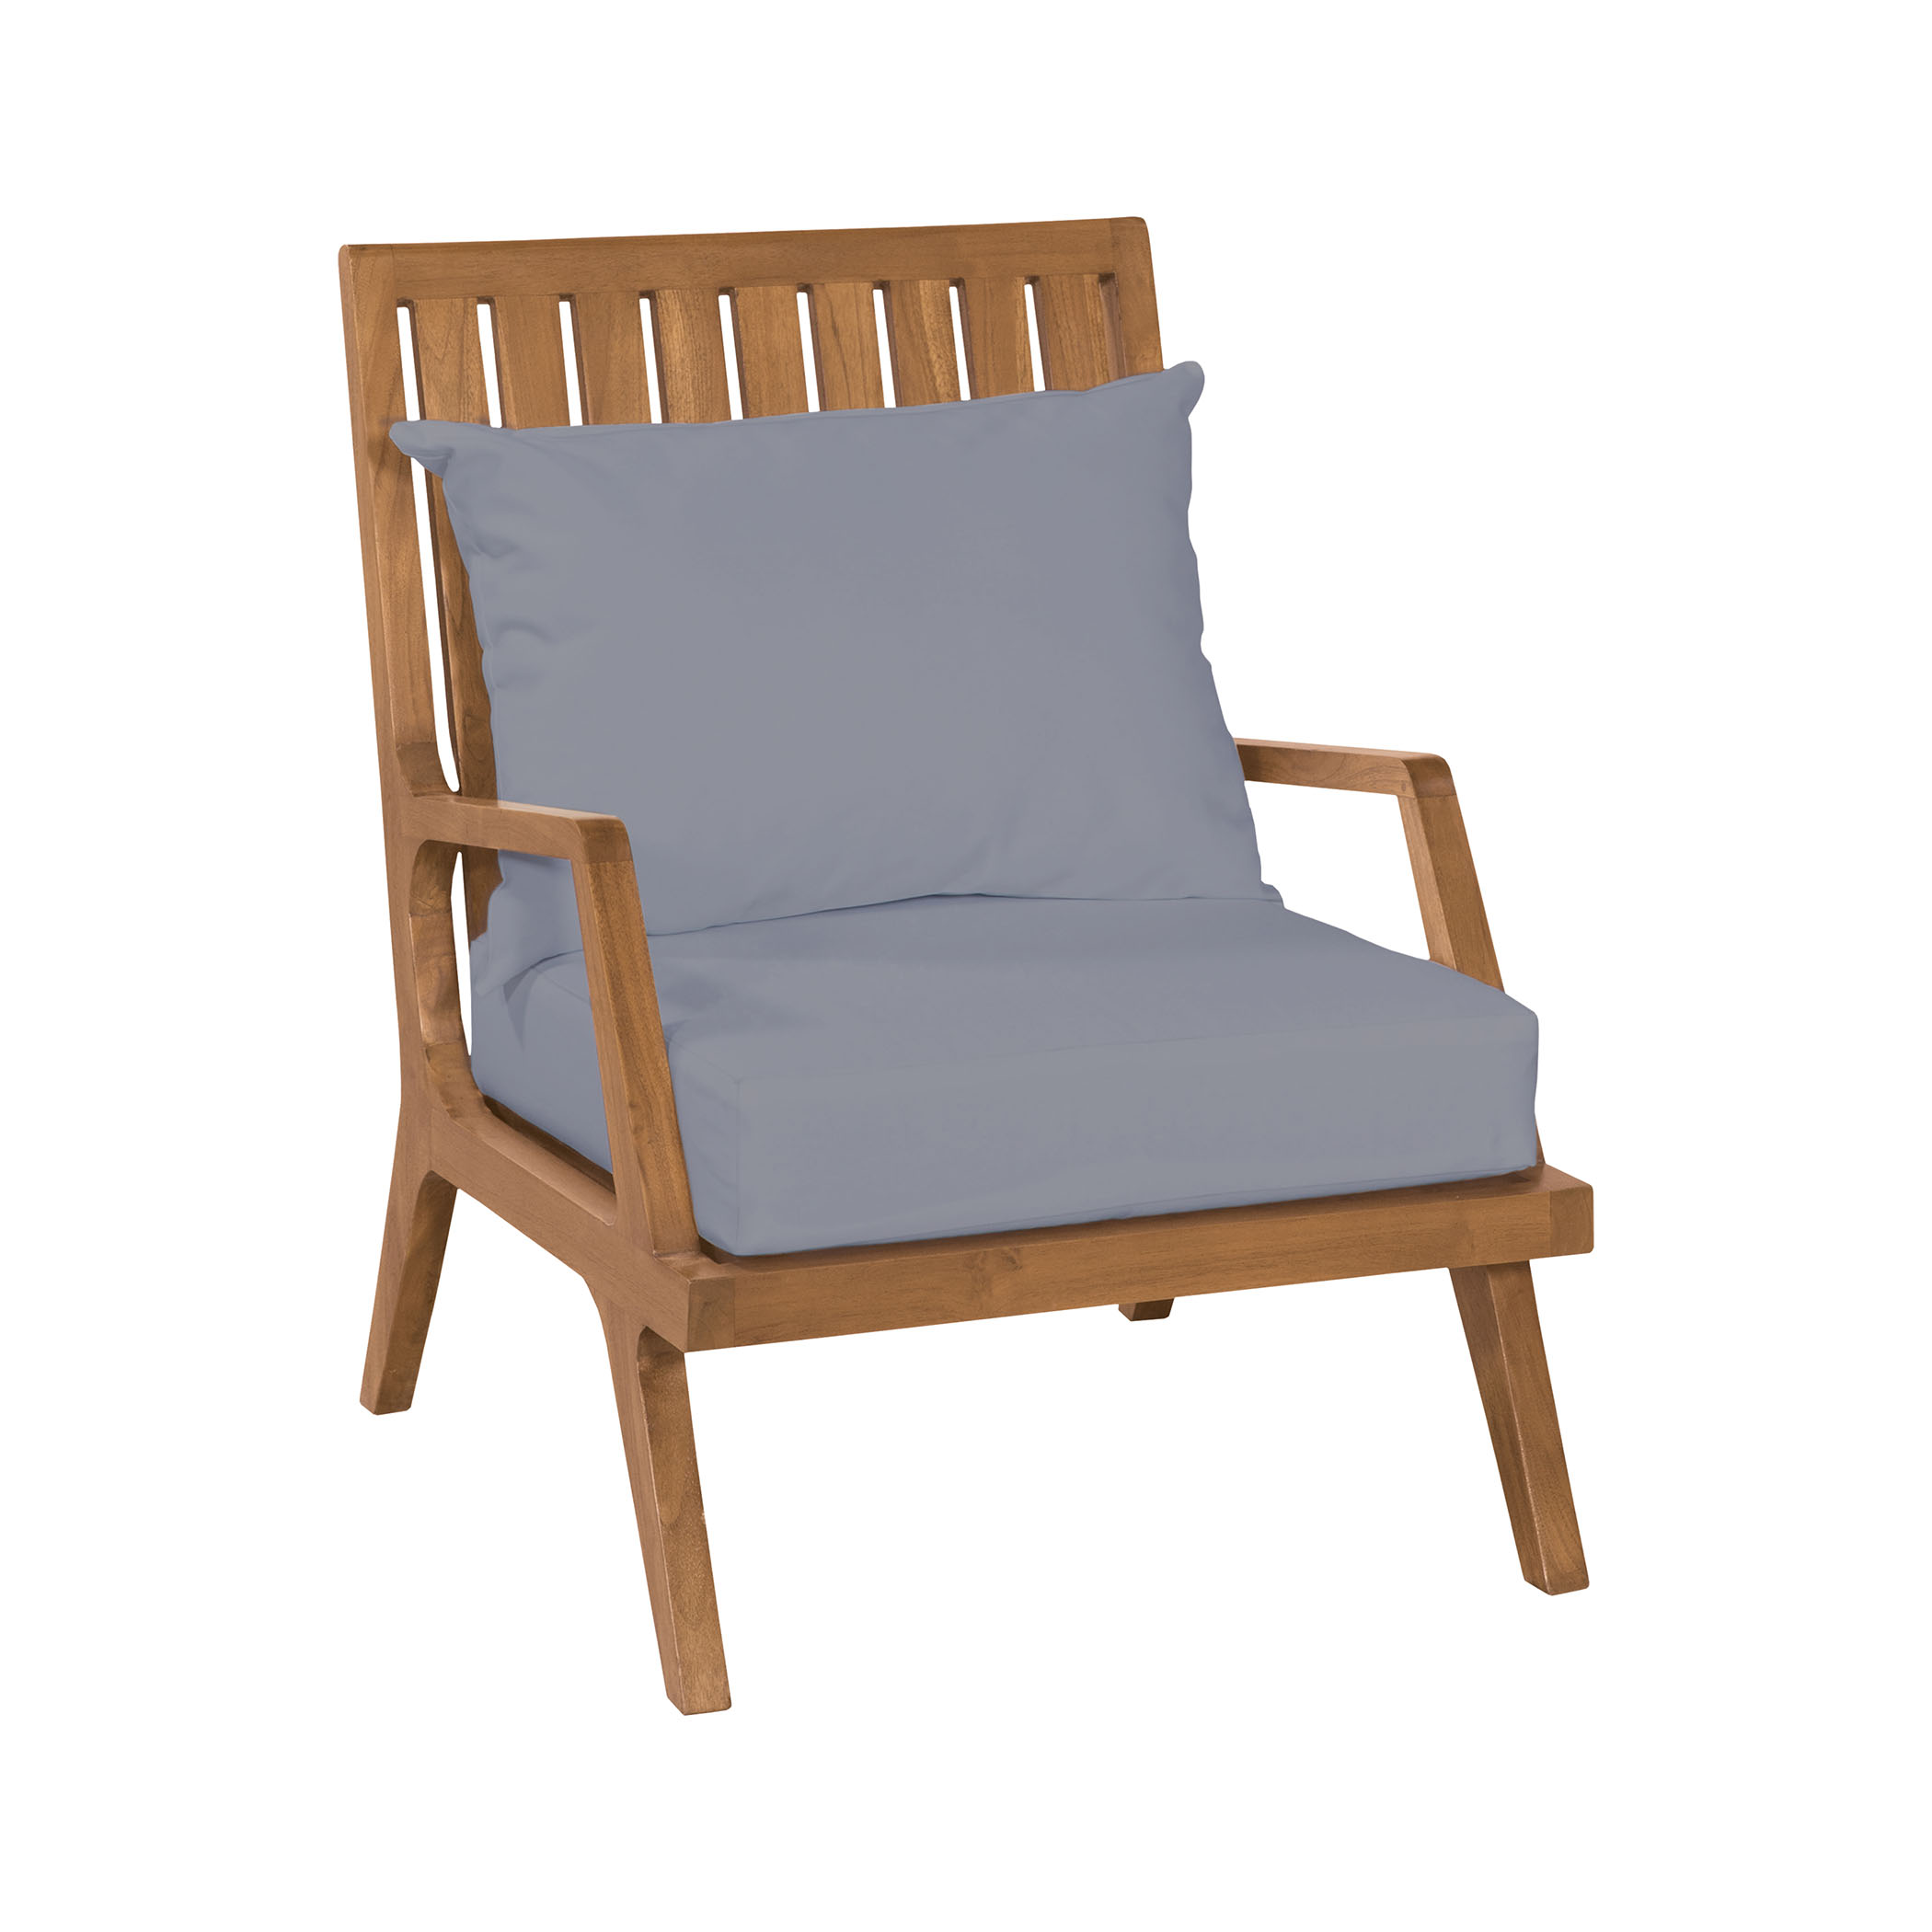 Teak Patio Lounge Chair in Euro Teak Oil | Elk Home